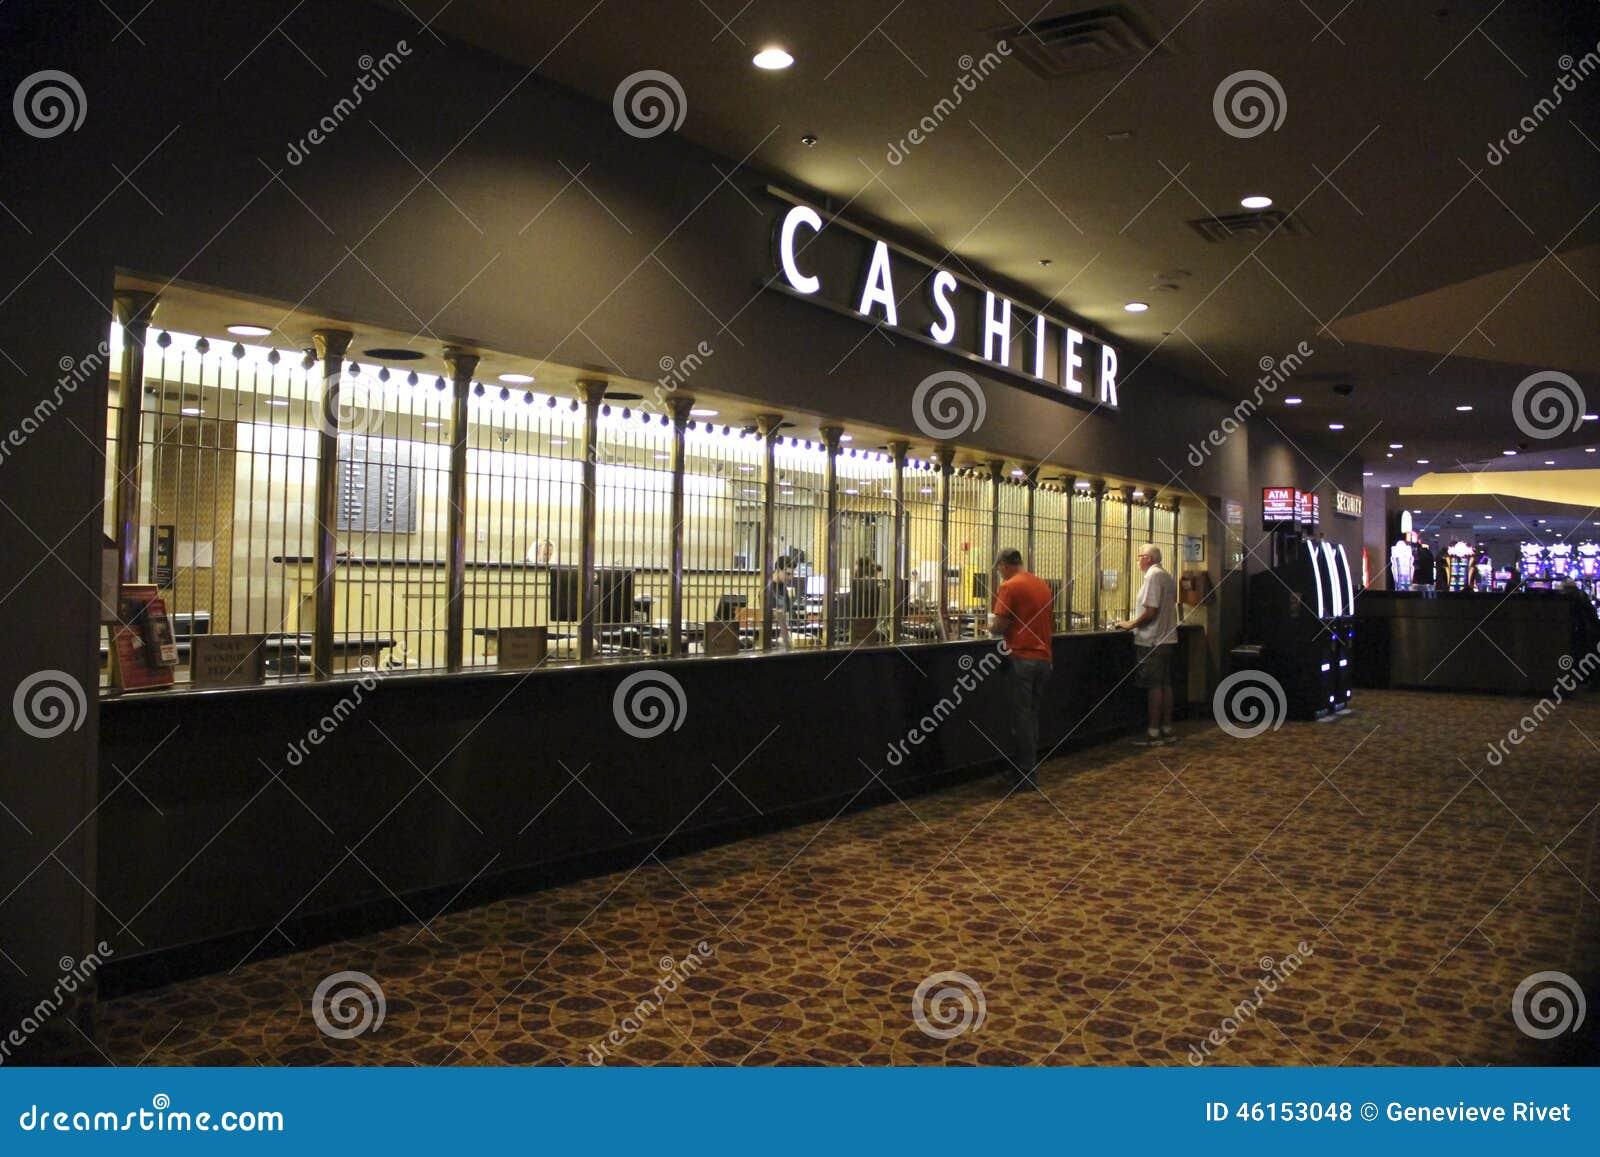 Casino teller arthur bodie casino grand hotel mgm reno